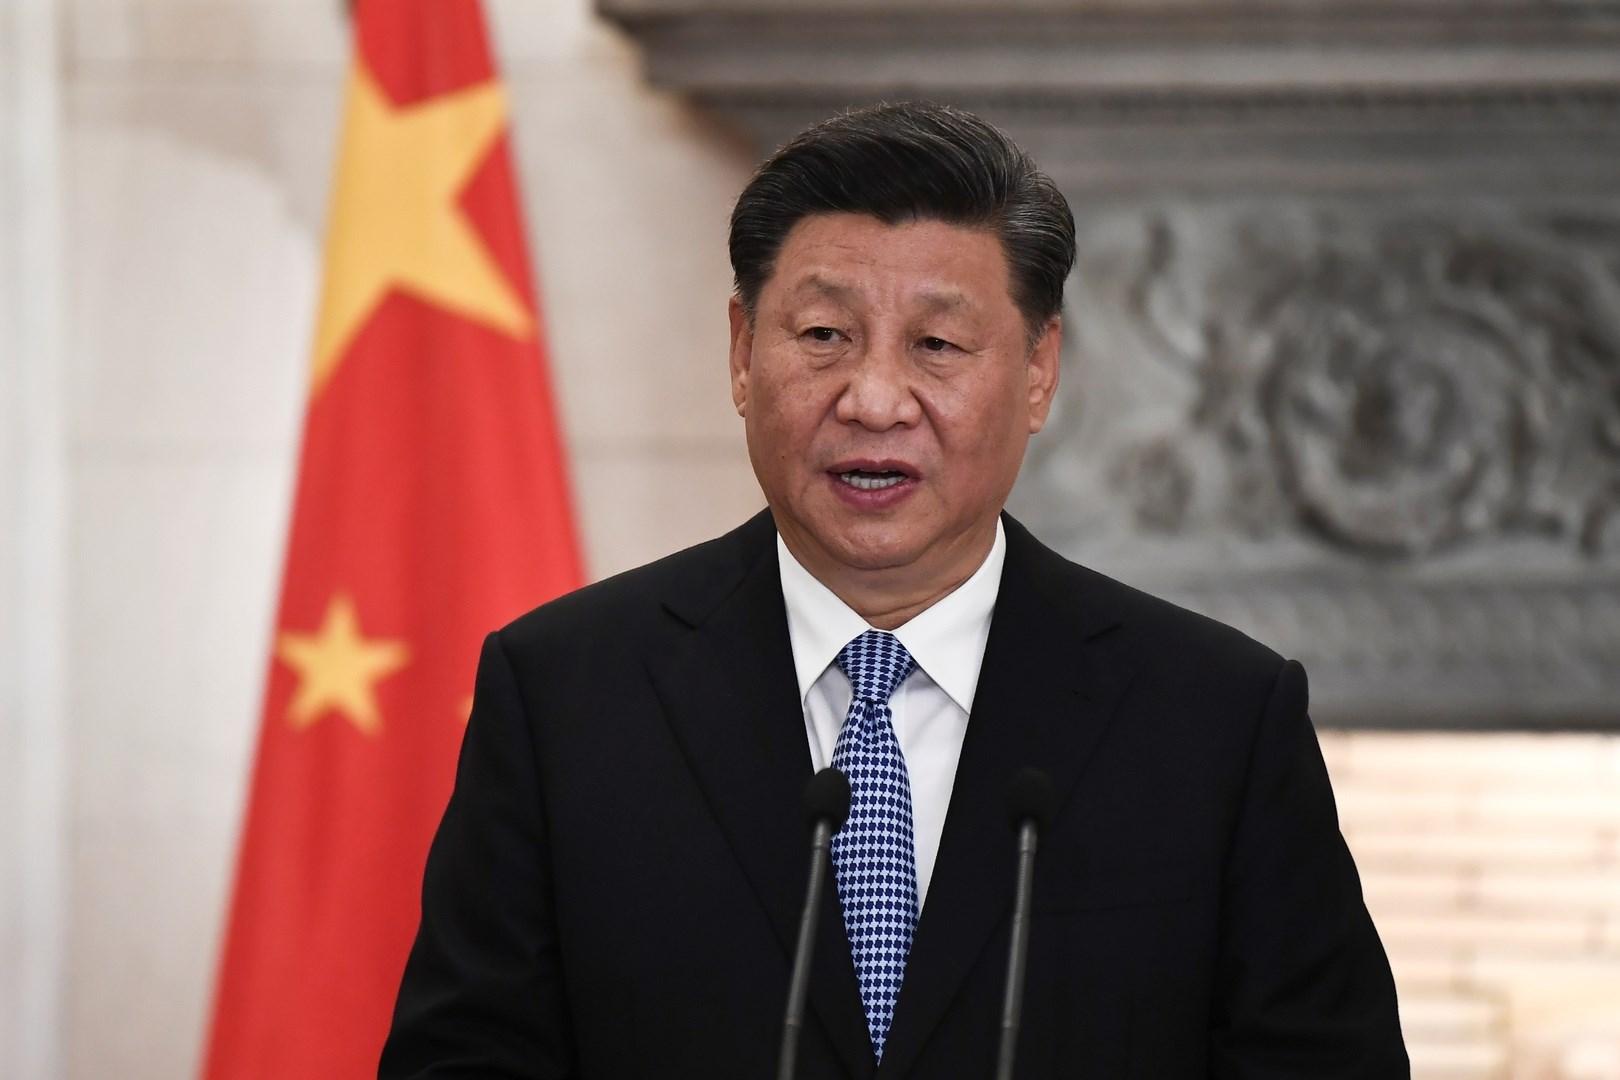 """الرئيس الصيني: """"كورونا"""" أخطر حالة طوارئ صحية في البلاد منذ عام 1949"""